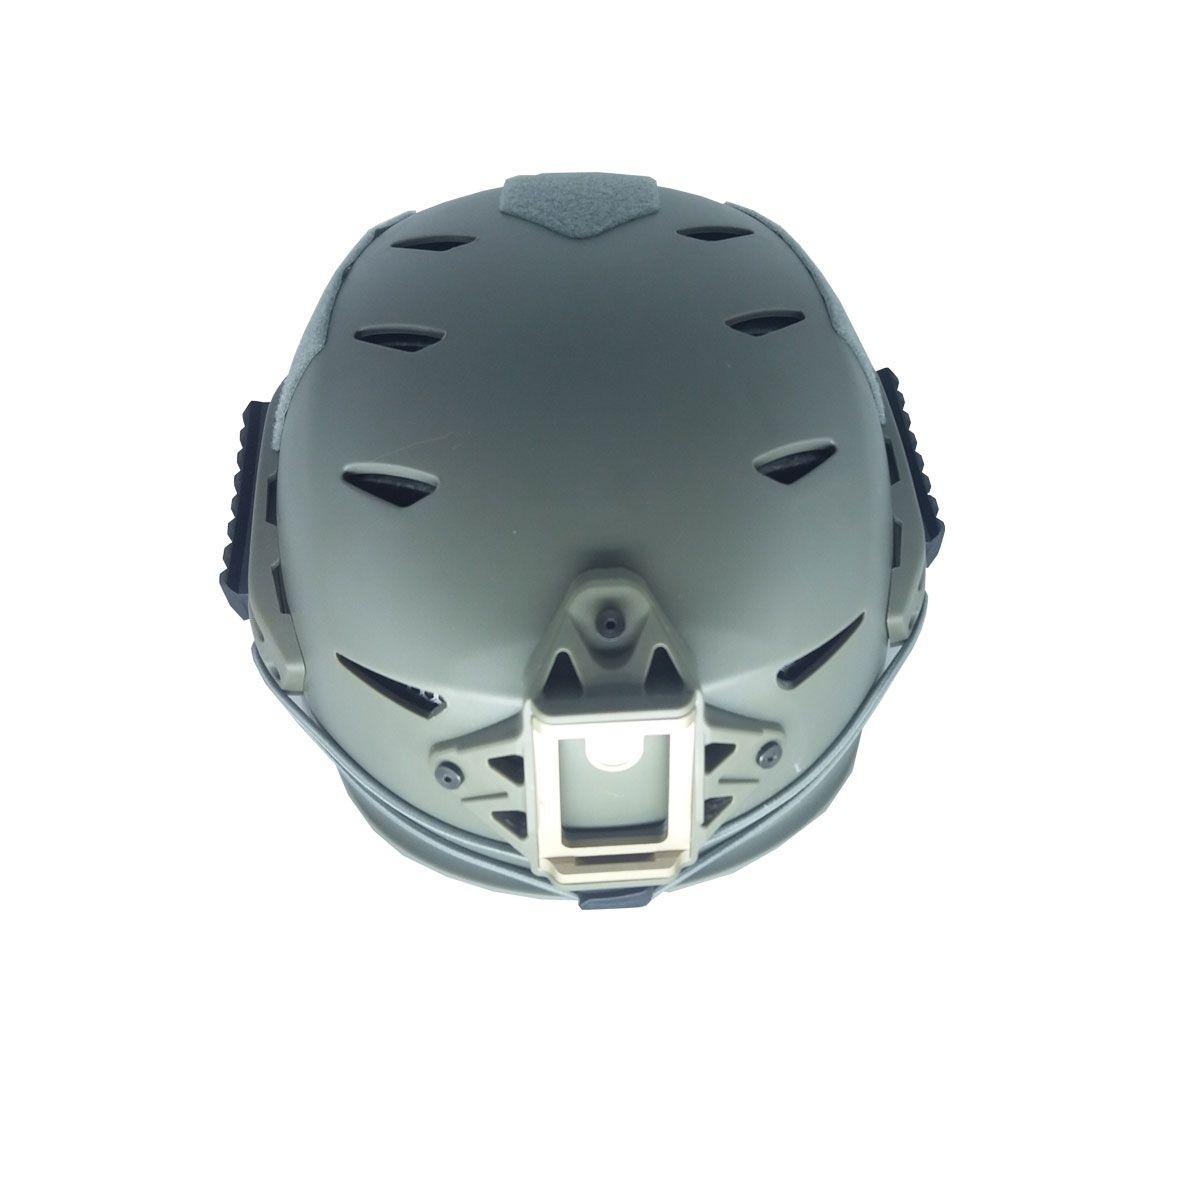 Capacete de Proteção Emerson Gear Fast Mich200 Nave